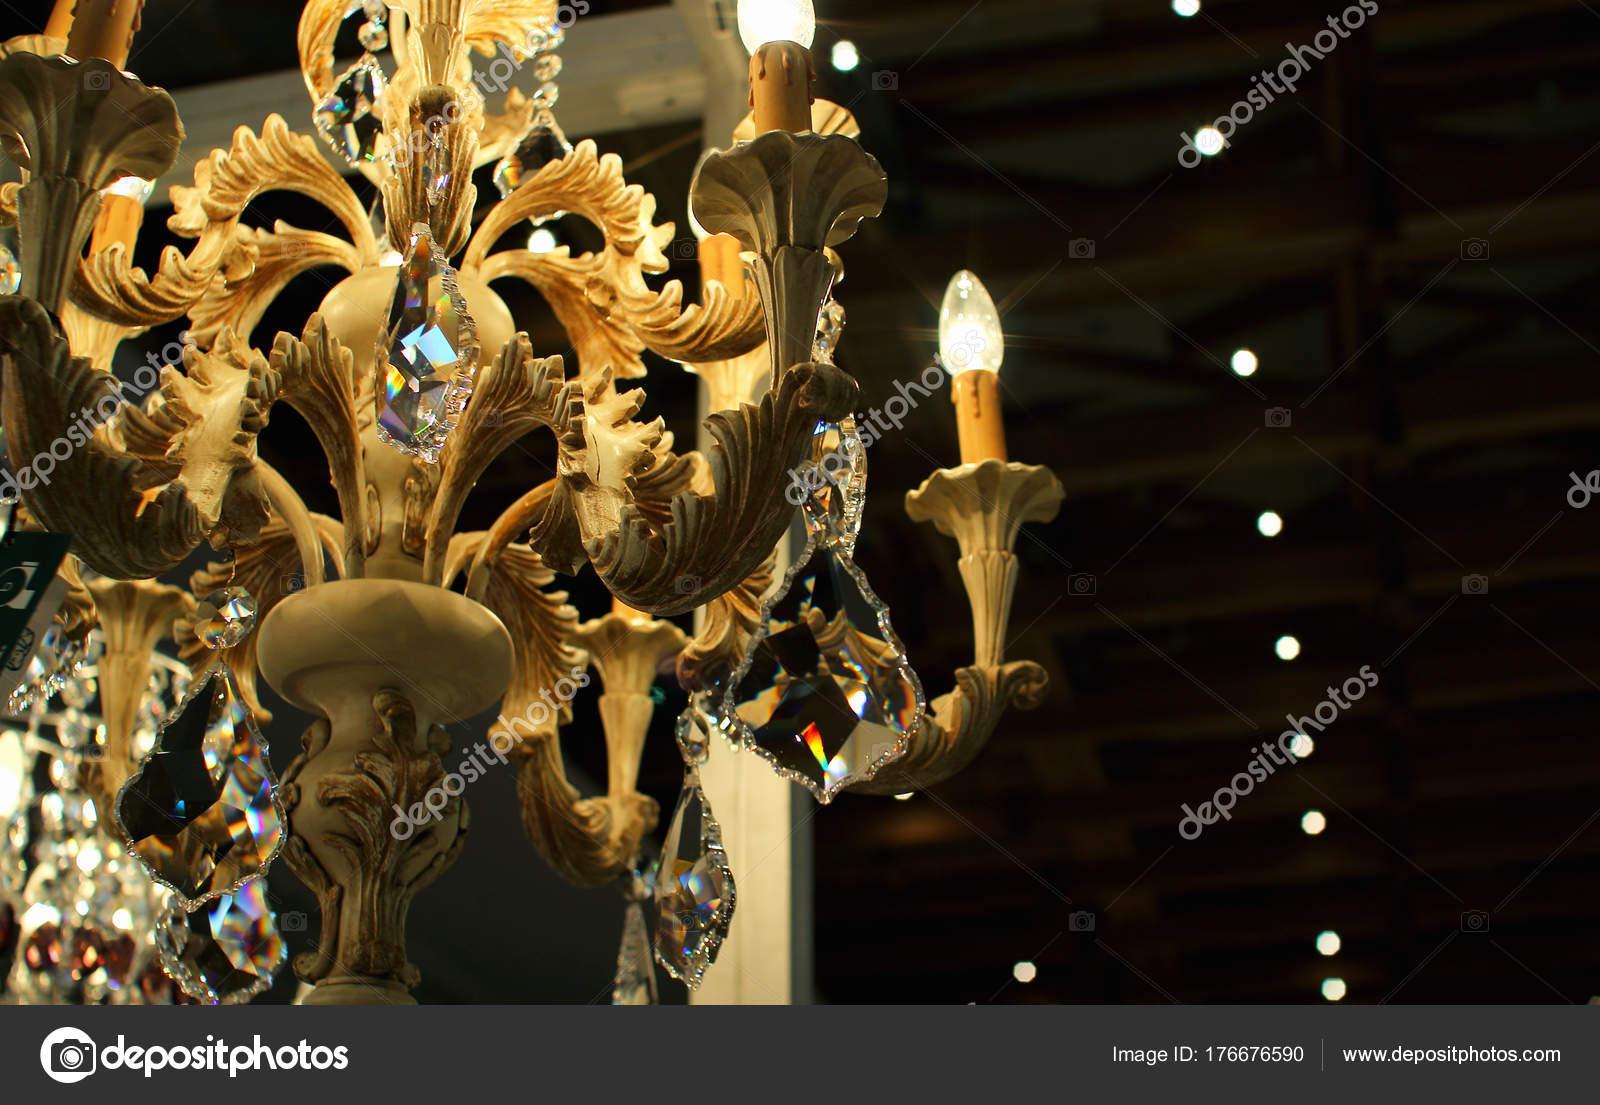 Kristall Kronleuchter Wien ~ Beeindruckend kristall leuchte funkelnde kristallleuchter leuchten